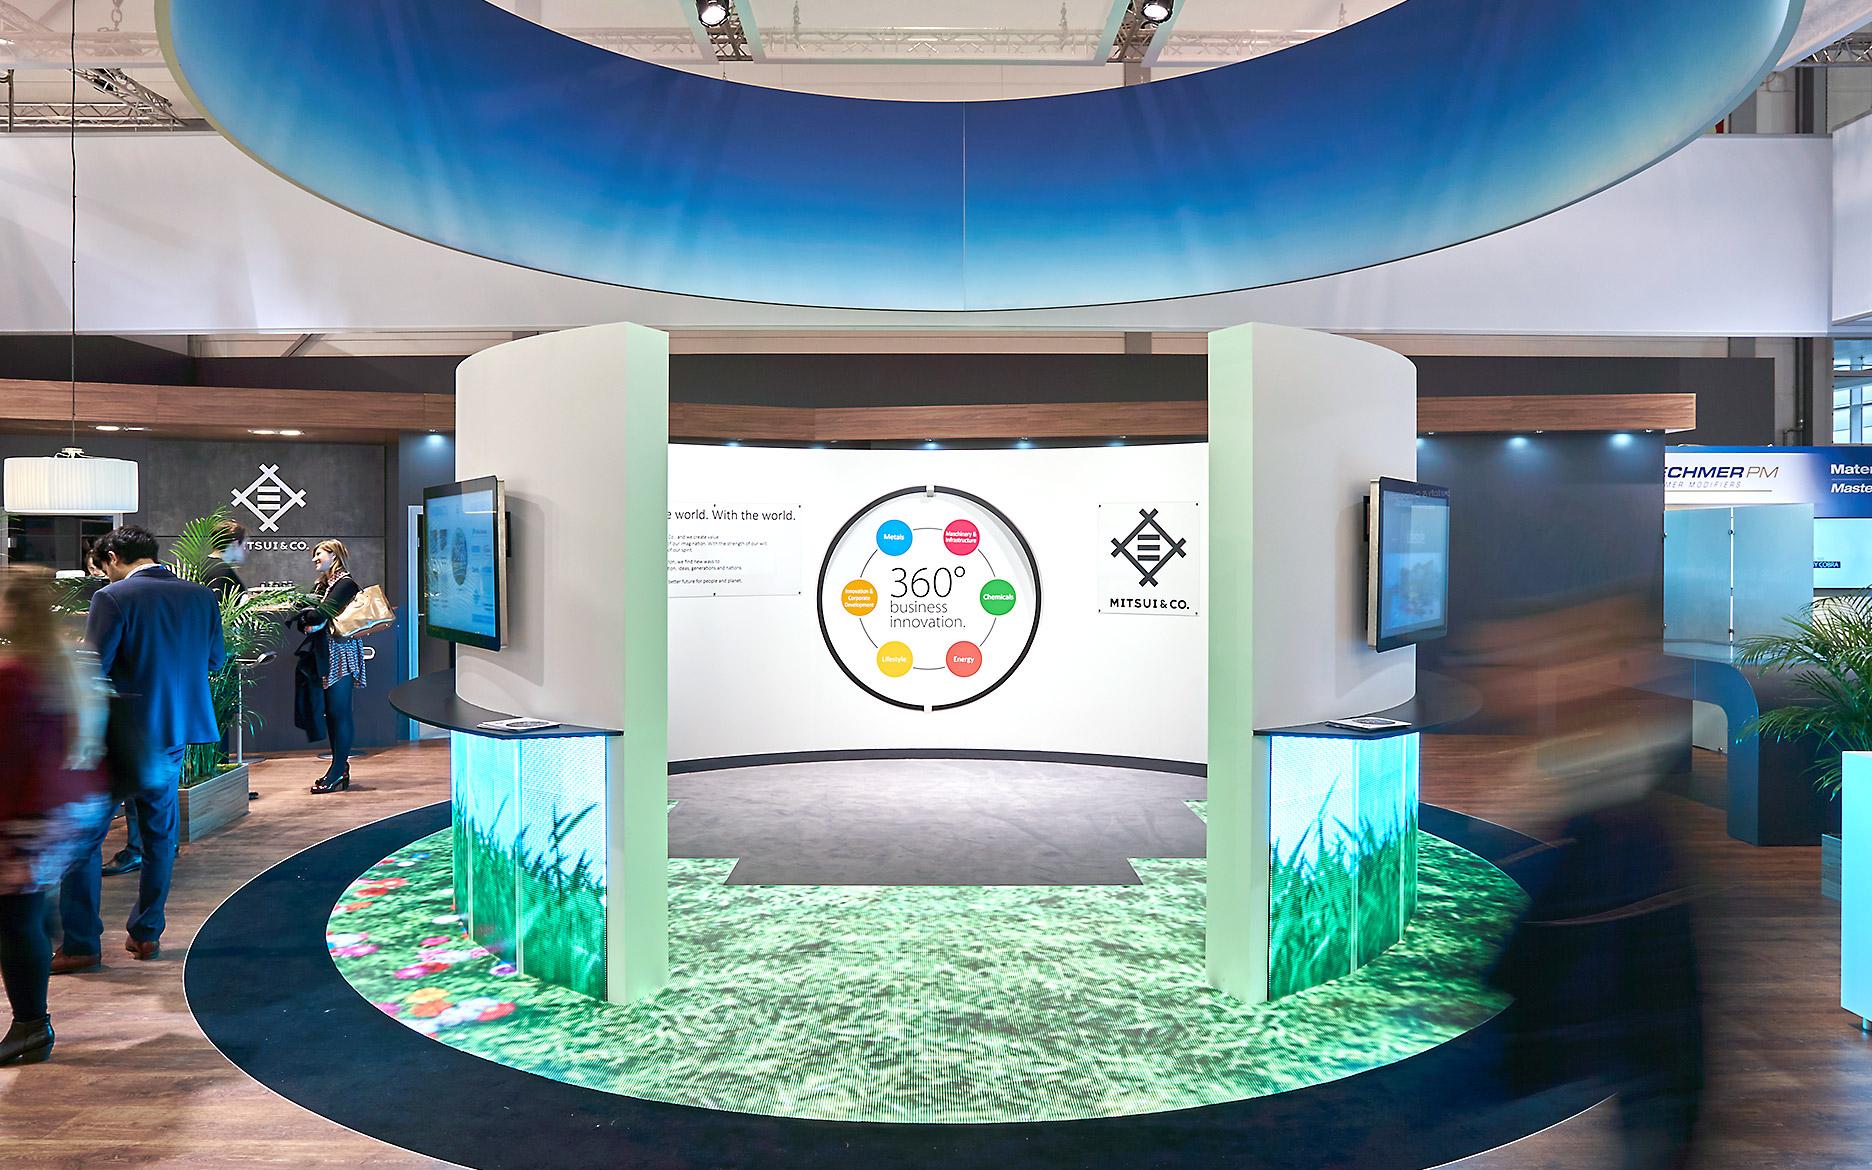 Mitsui K-Messe 2016, Interaktive LED Boden